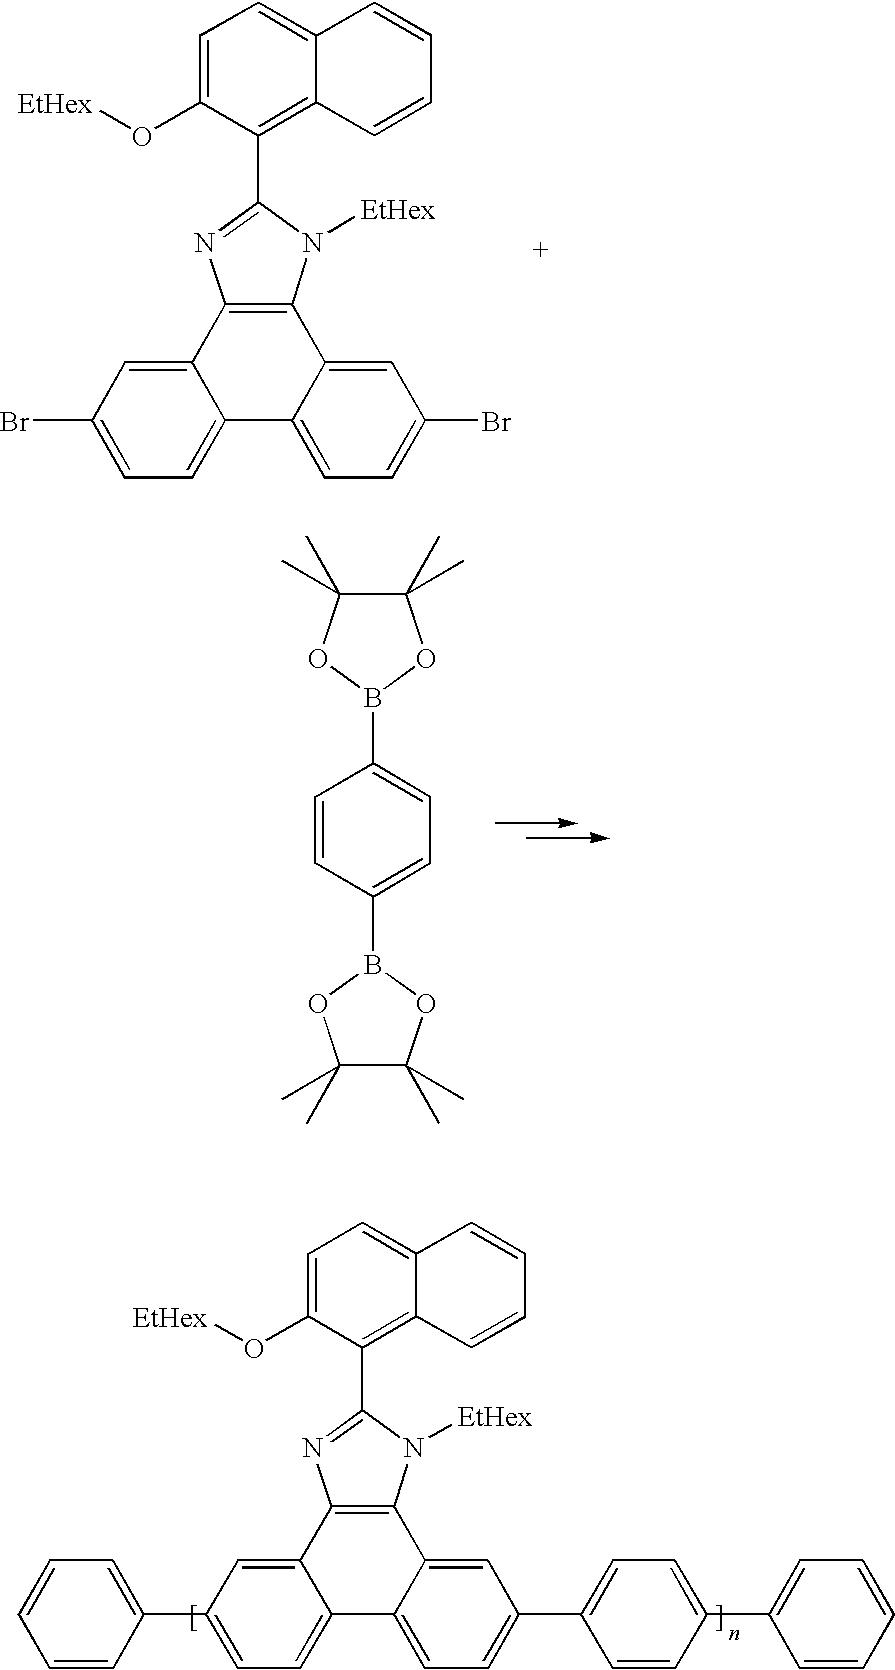 Figure US20090105447A1-20090423-C00171